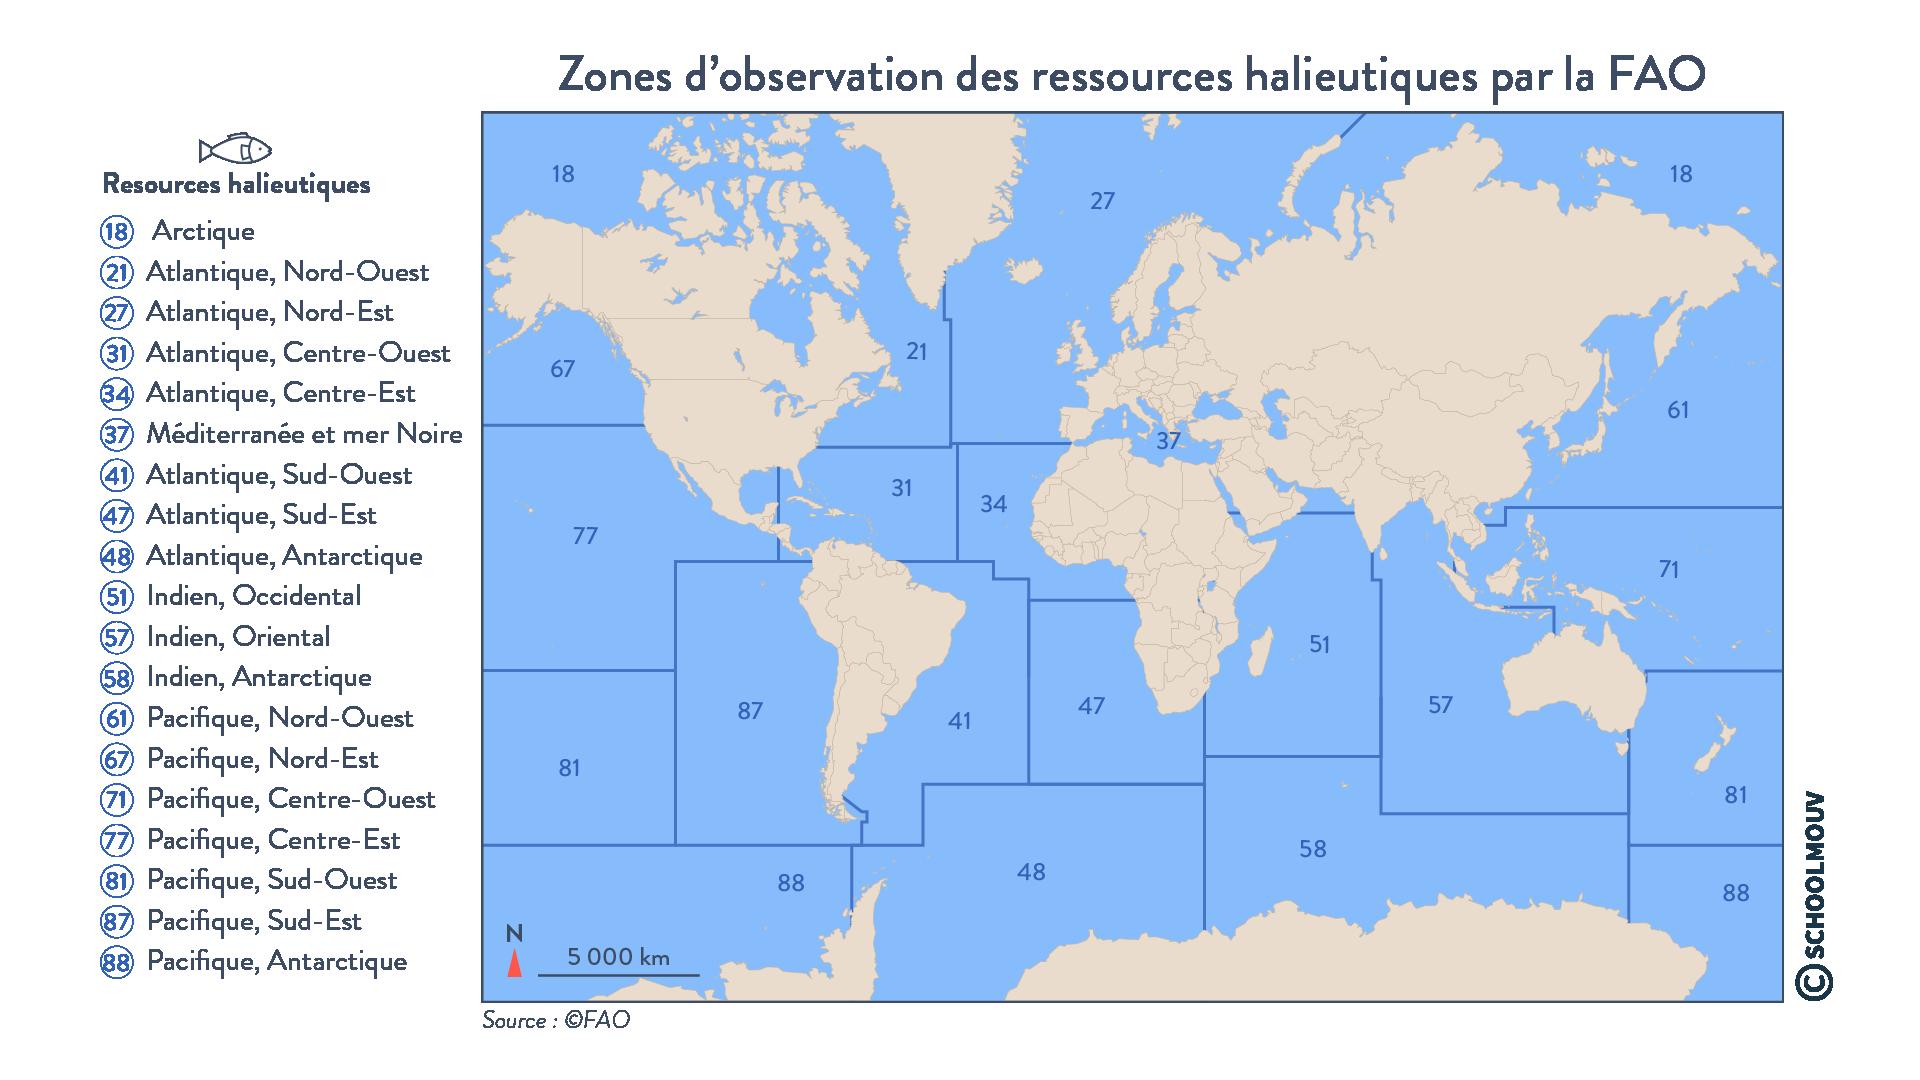 Zones d'observation des ressources halieutiques par la FAO - géographie - terminale - SchoolMouv